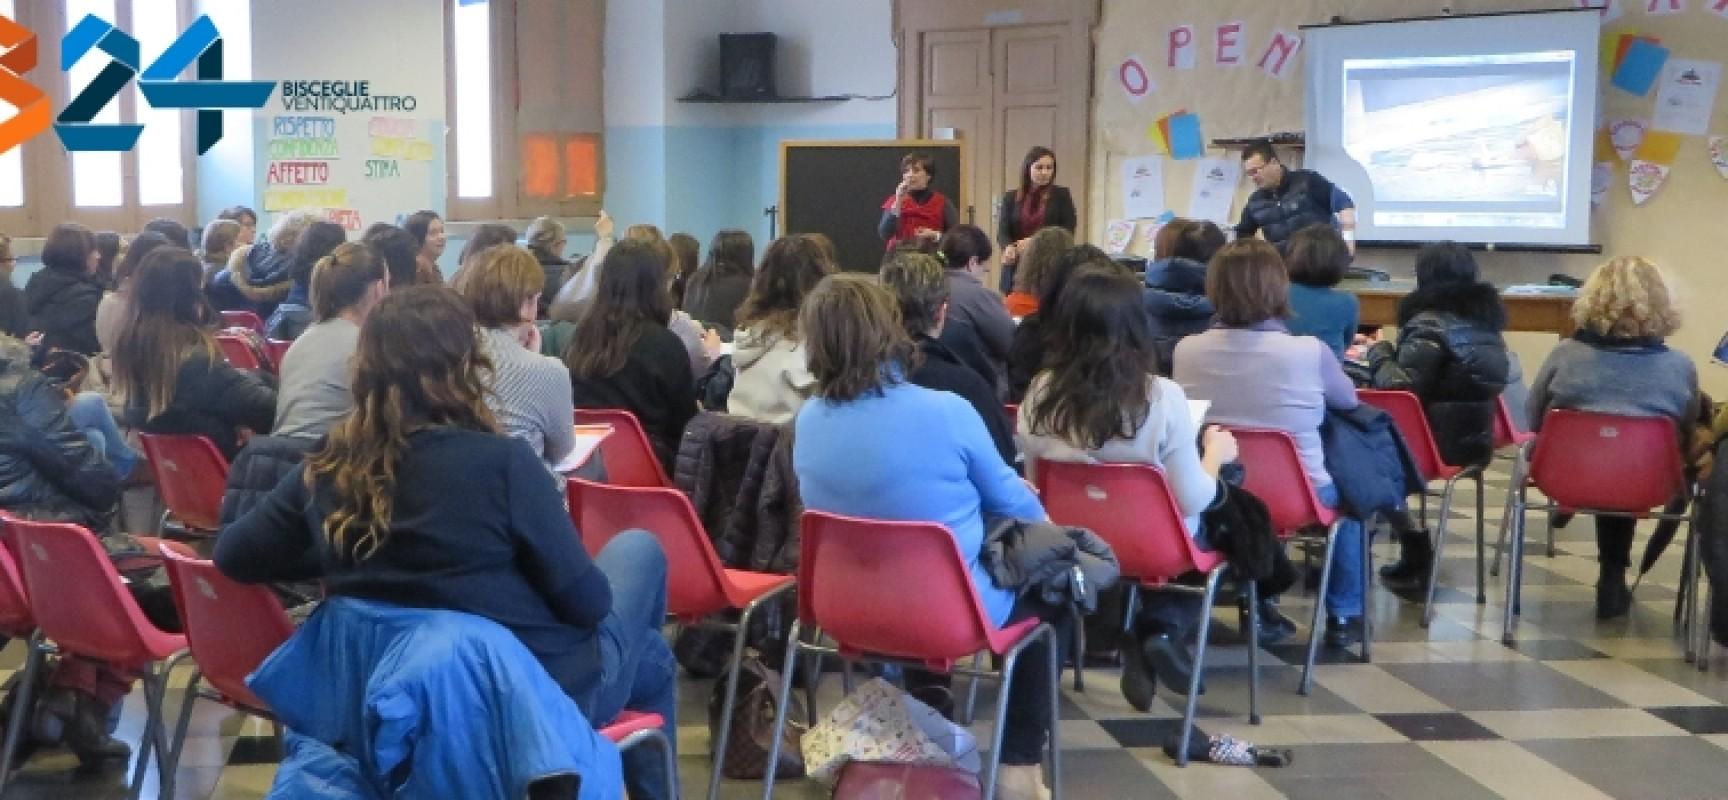 Metodo Aba alla De Amicis: corso introduttivo per l'intervento coordinato scuola – famiglia